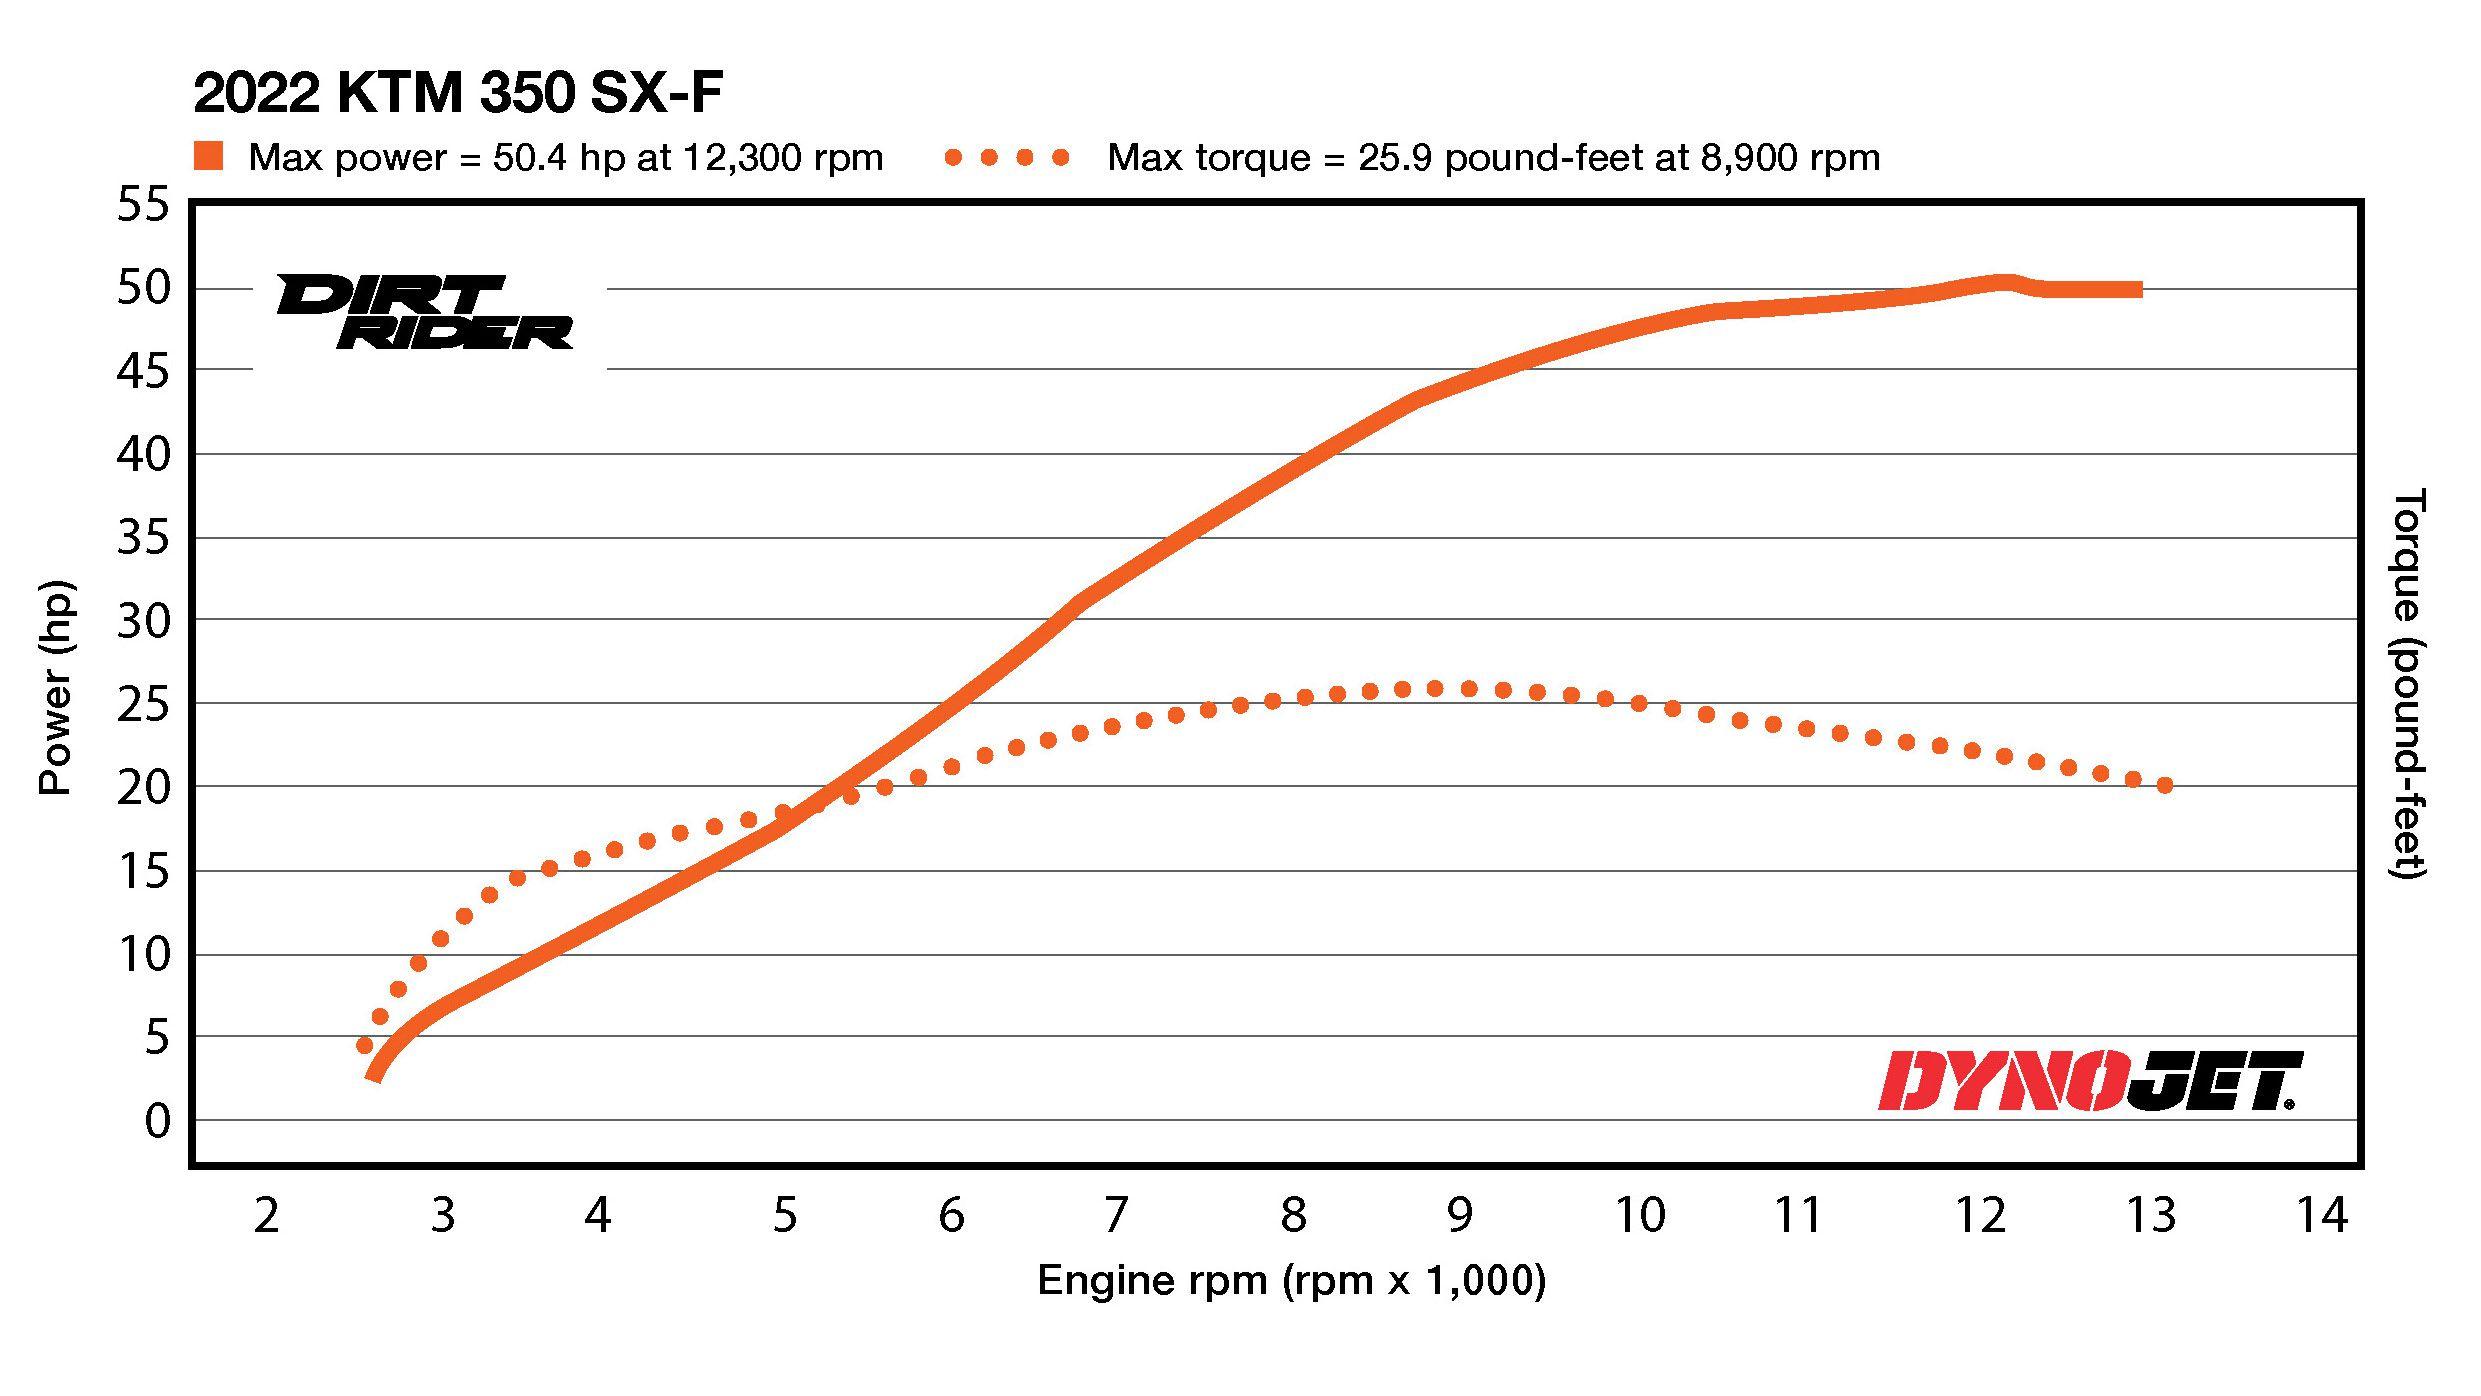 2022 KTM 350 SX-F Dyno Test